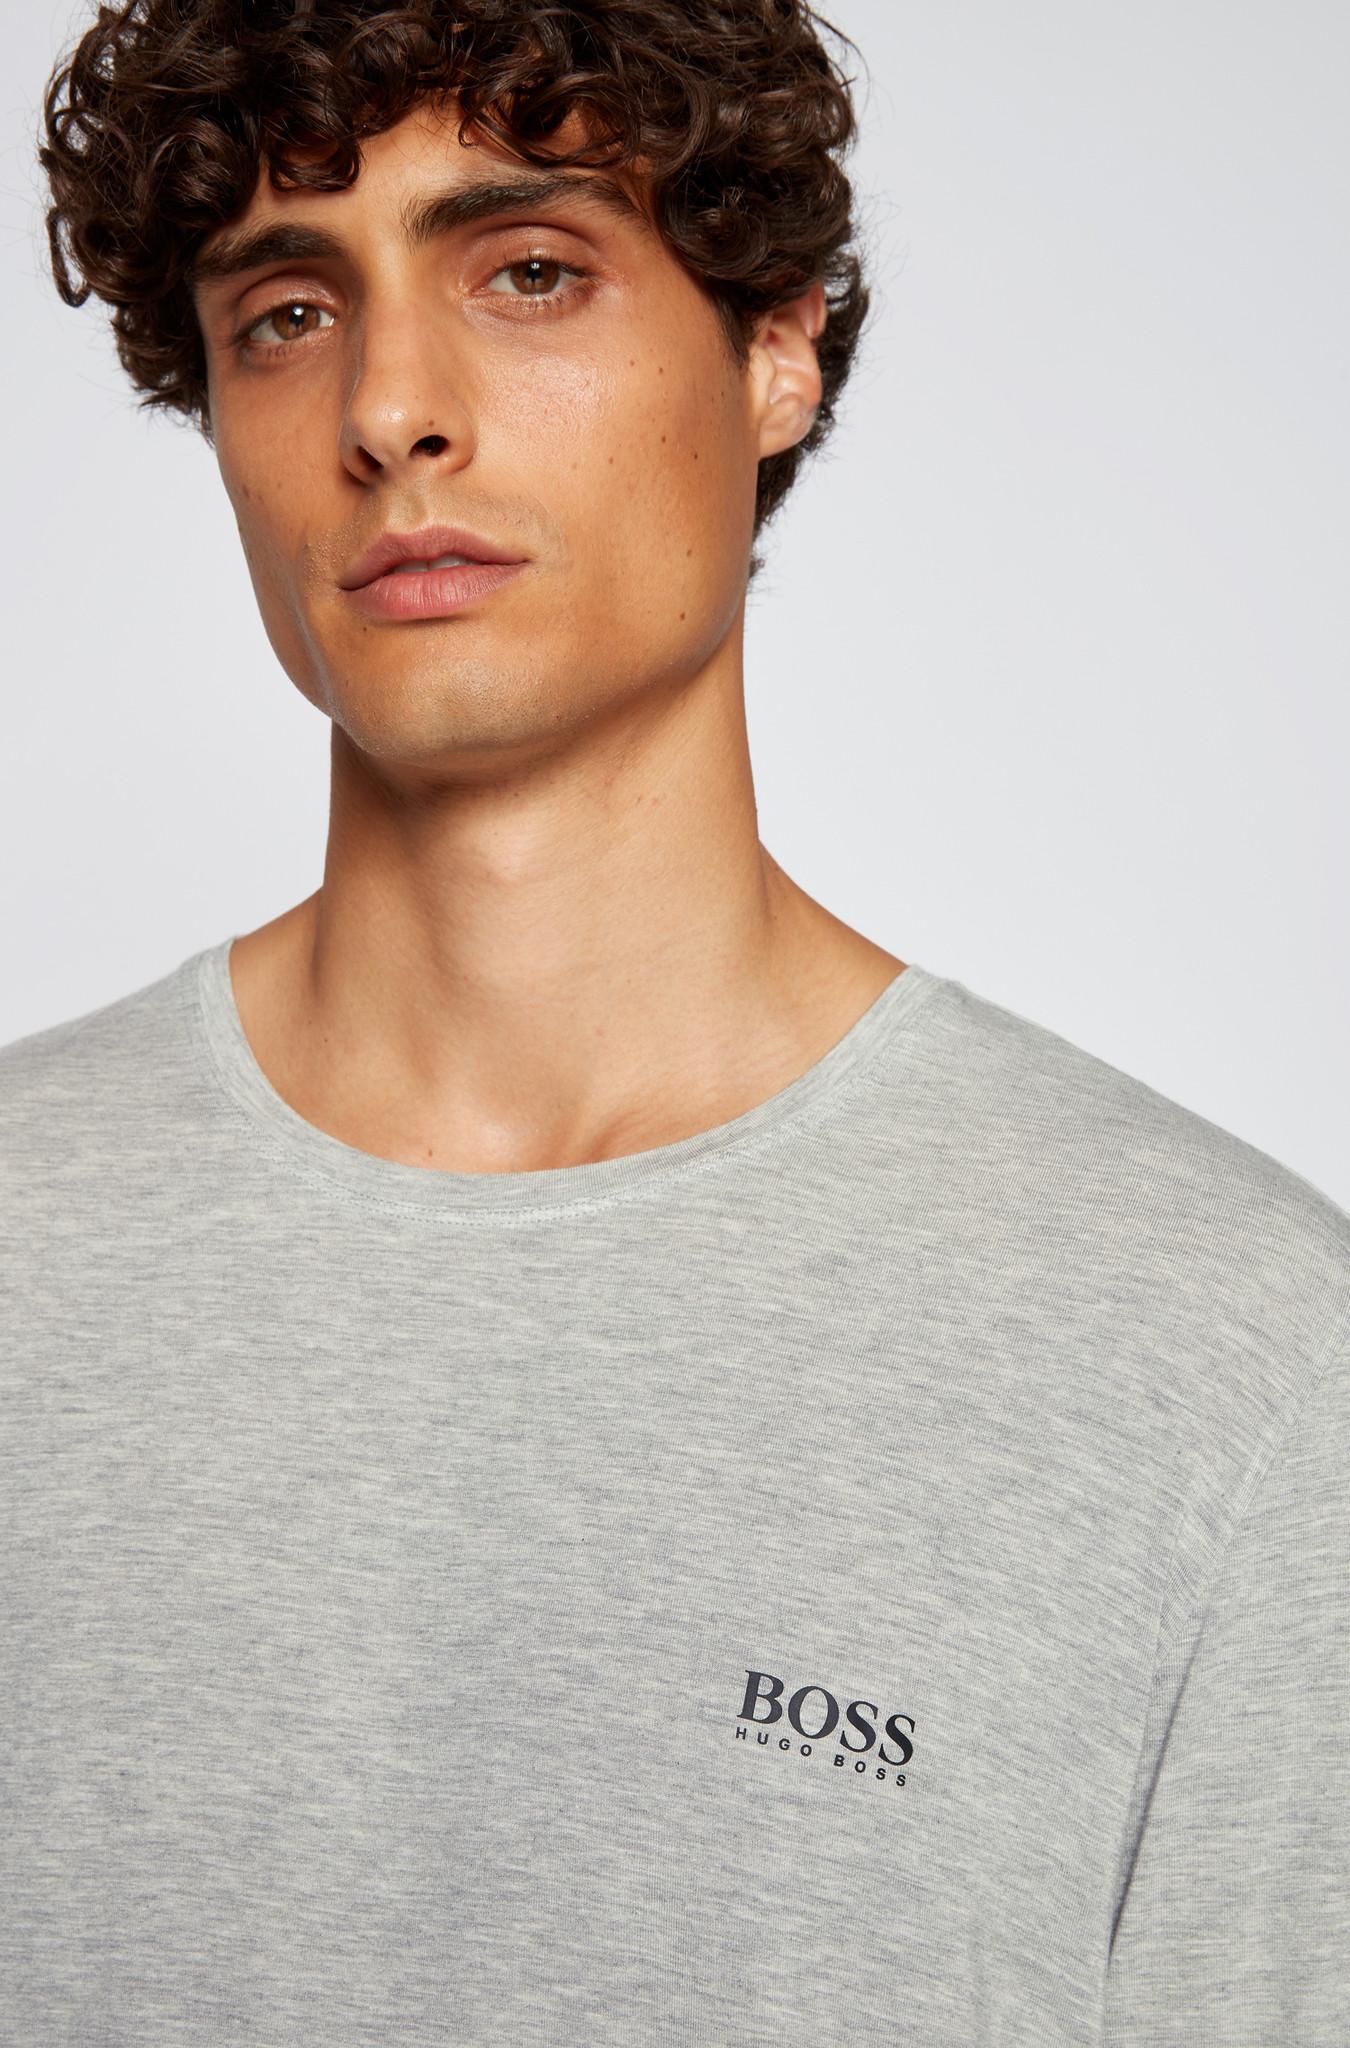 Hugo Boss T-shirt Hugo Boss 50414837-033